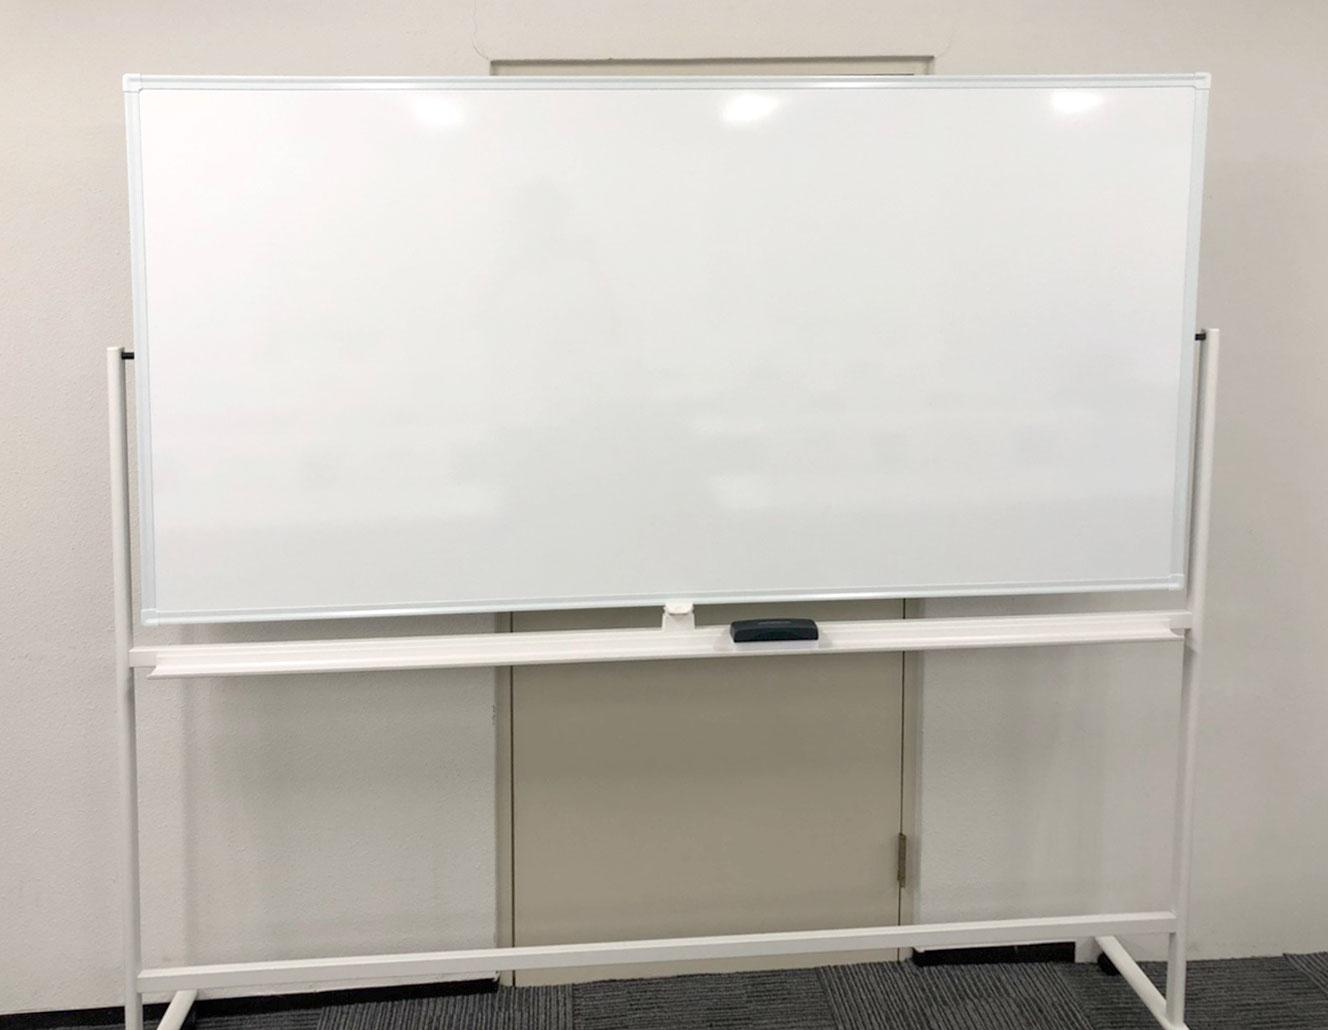 みんなの会議室 赤坂 | ホワイトボード|TIME SHARING|タイムシェアリング |スペースマネジメント|あどばる|adval